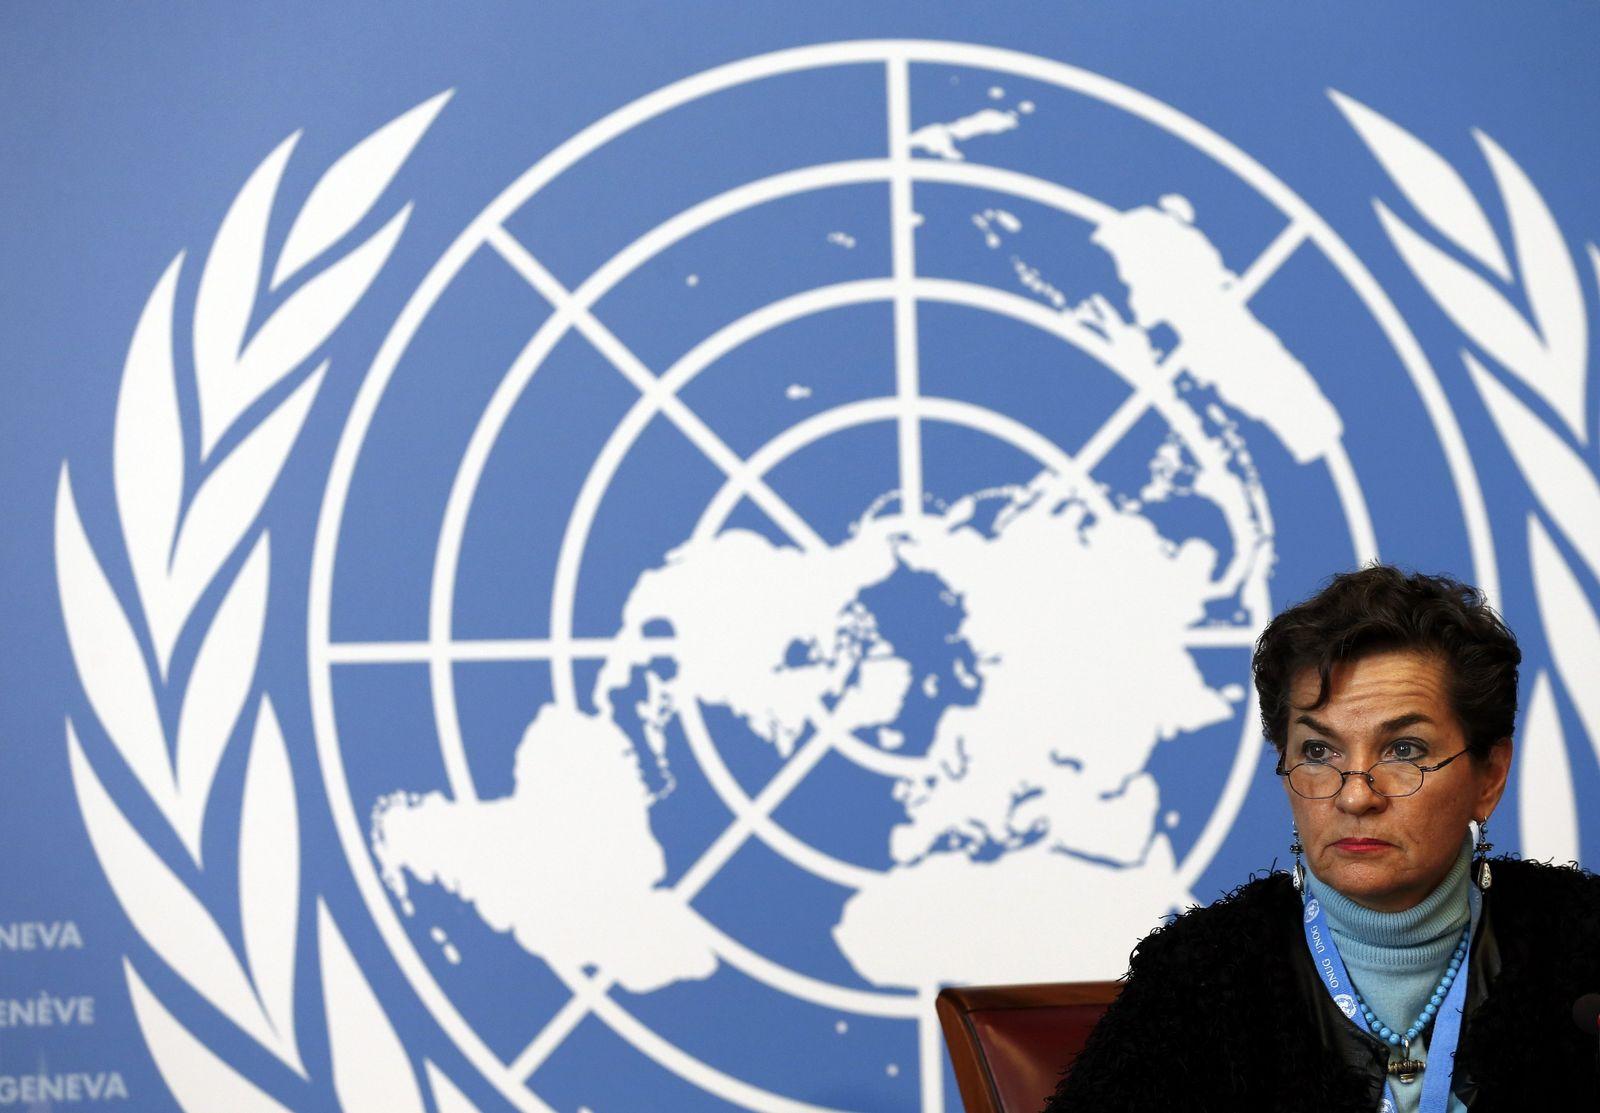 Klimagipfel Genf Figueres